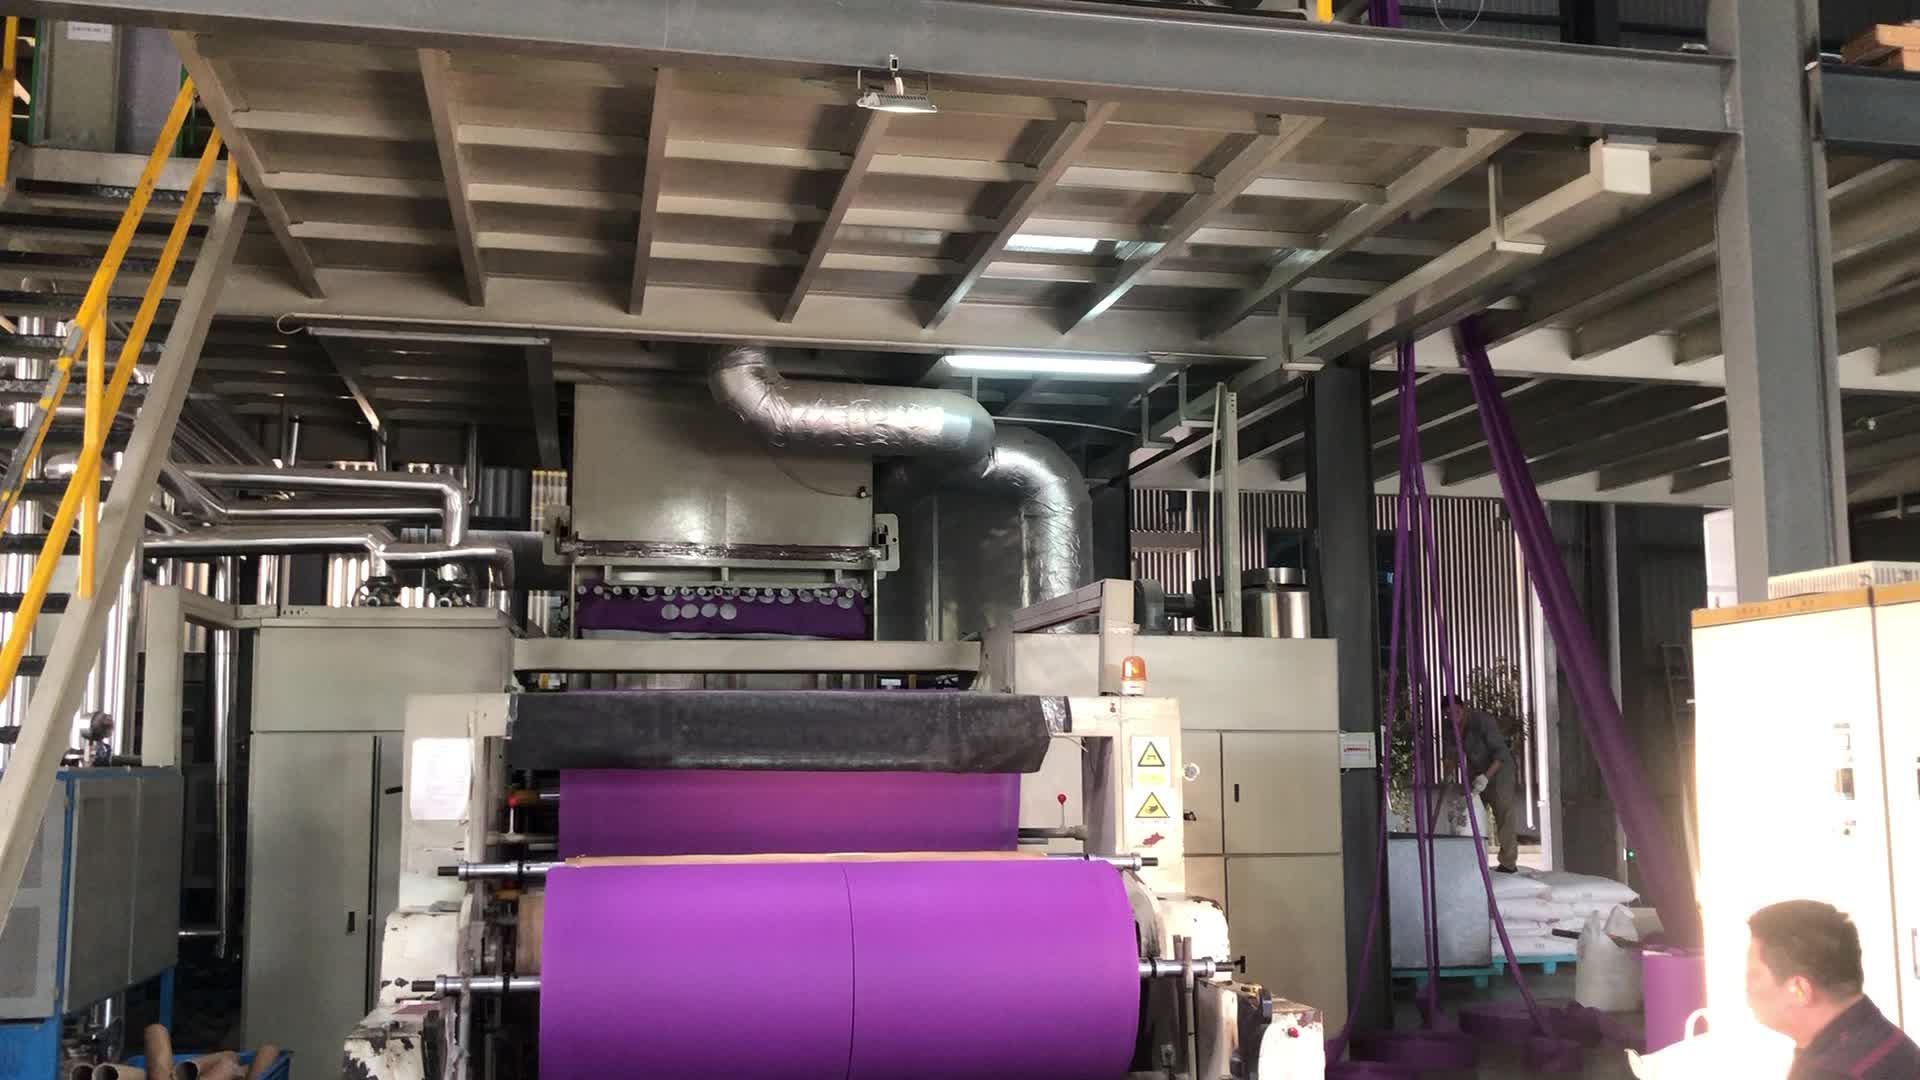 중국 공장 가격 적층 pp spunlace/맞춤형 패턴 인쇄 부직포